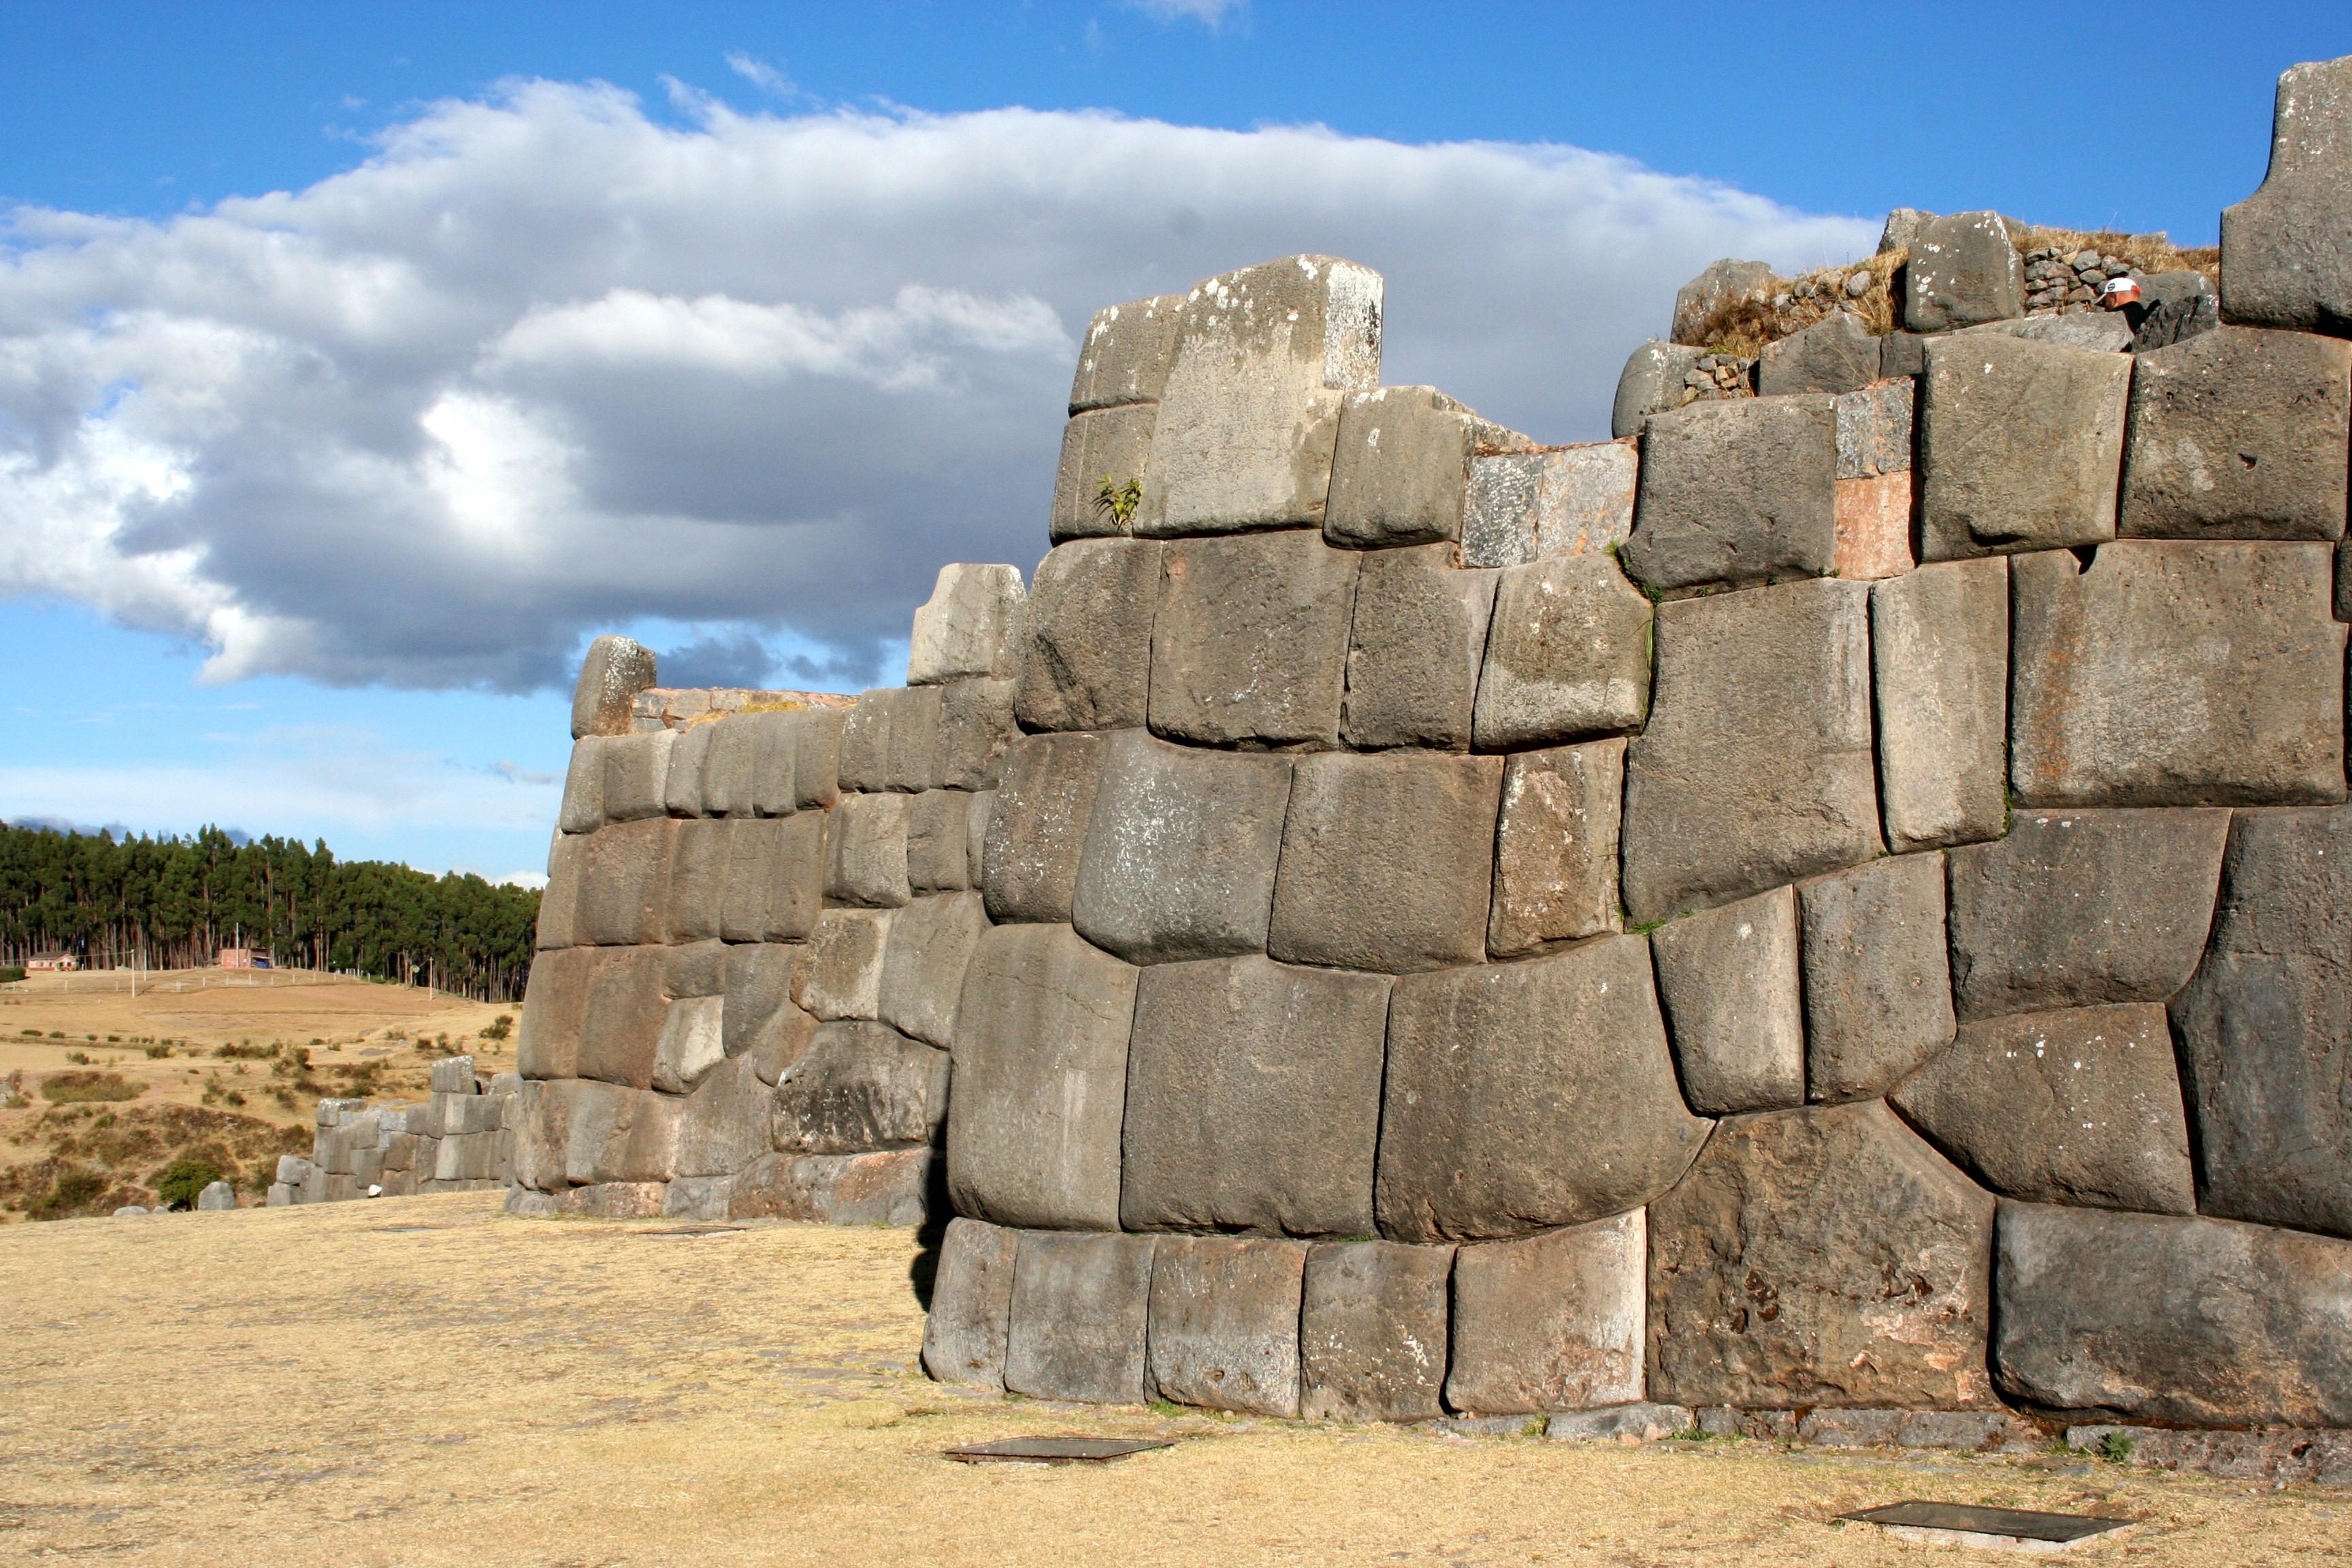 Saqsaywaman Inca Fortress, Cuzco